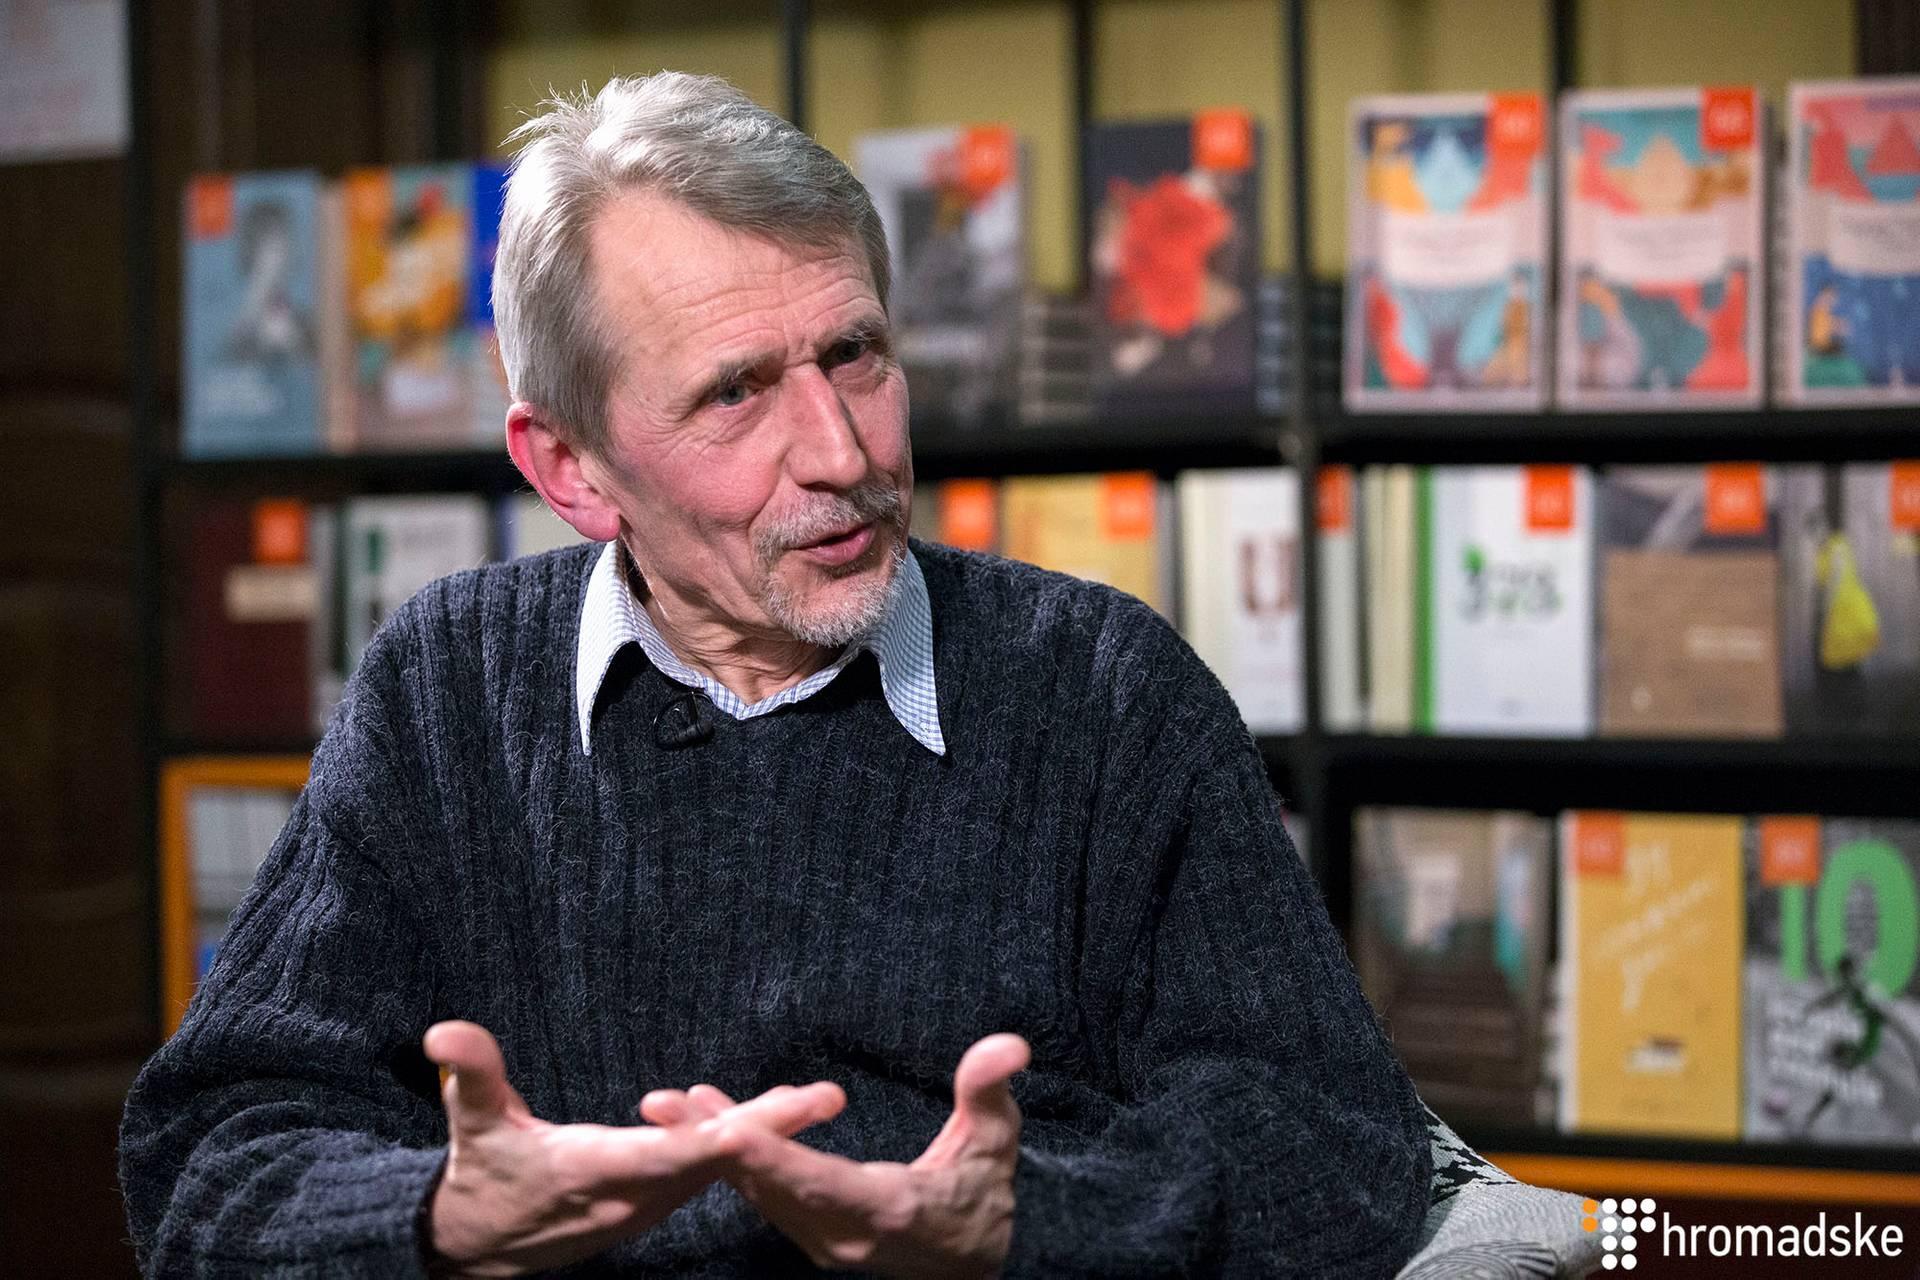 Письменник, публіцист Микола Рябчук під час інтерв'ю, Київ, 30 січня 2019 року